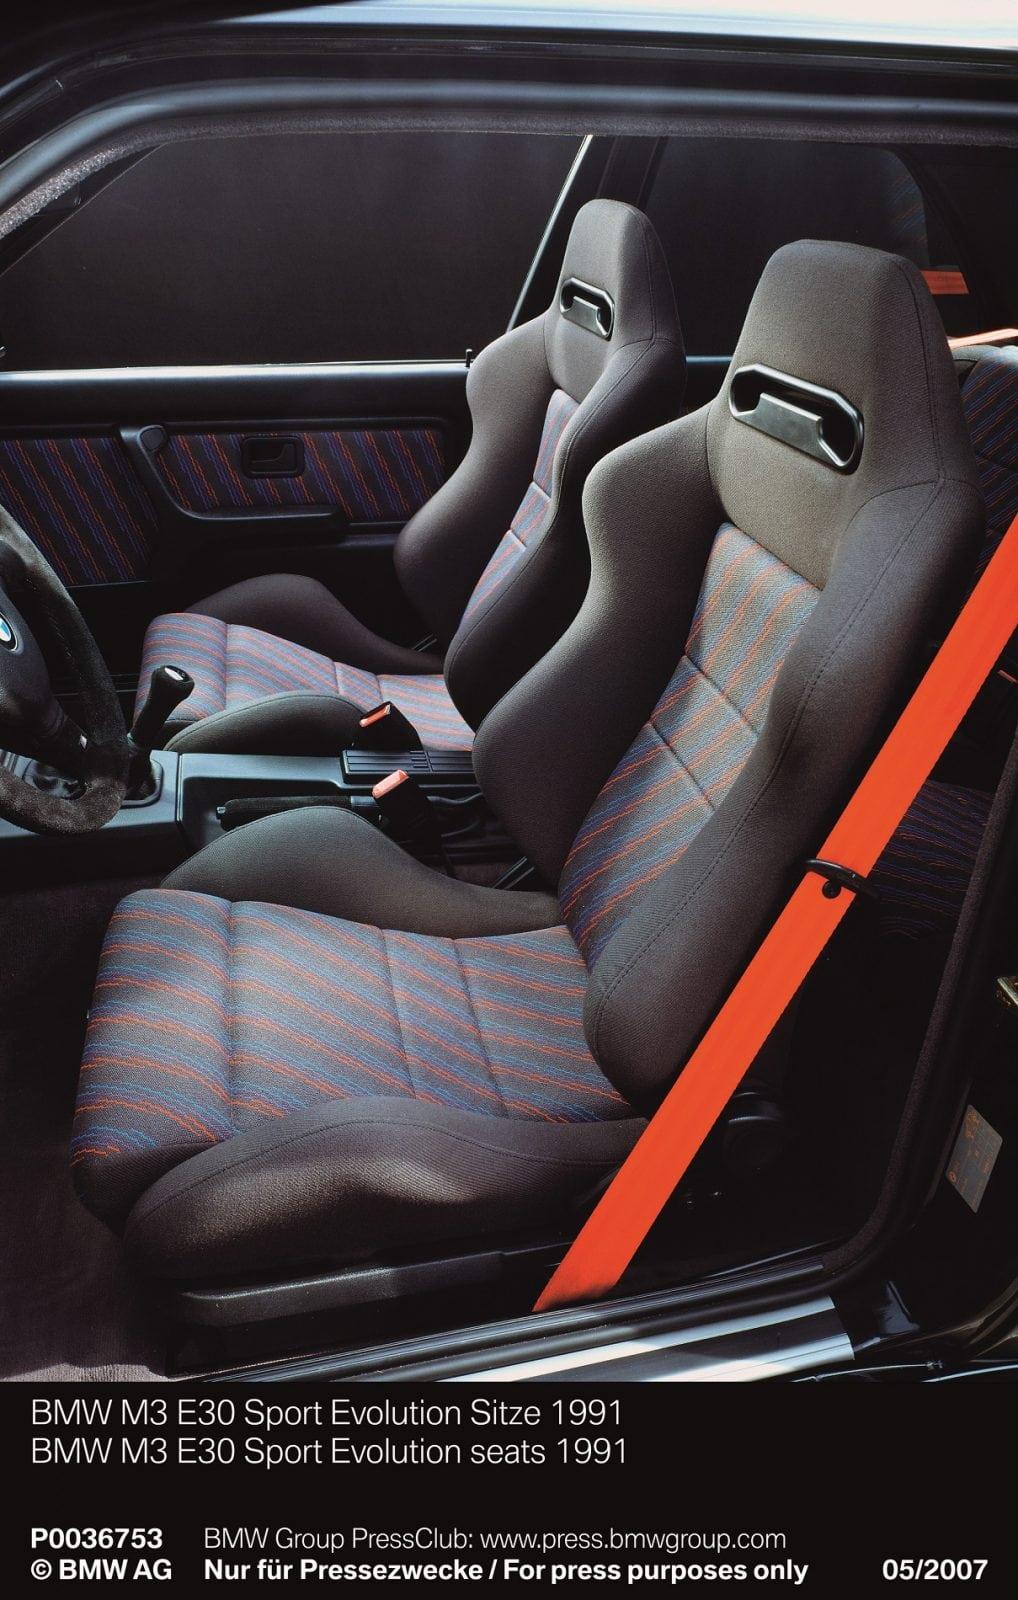 BMW M3 E30 Sport Evolution seats 1991